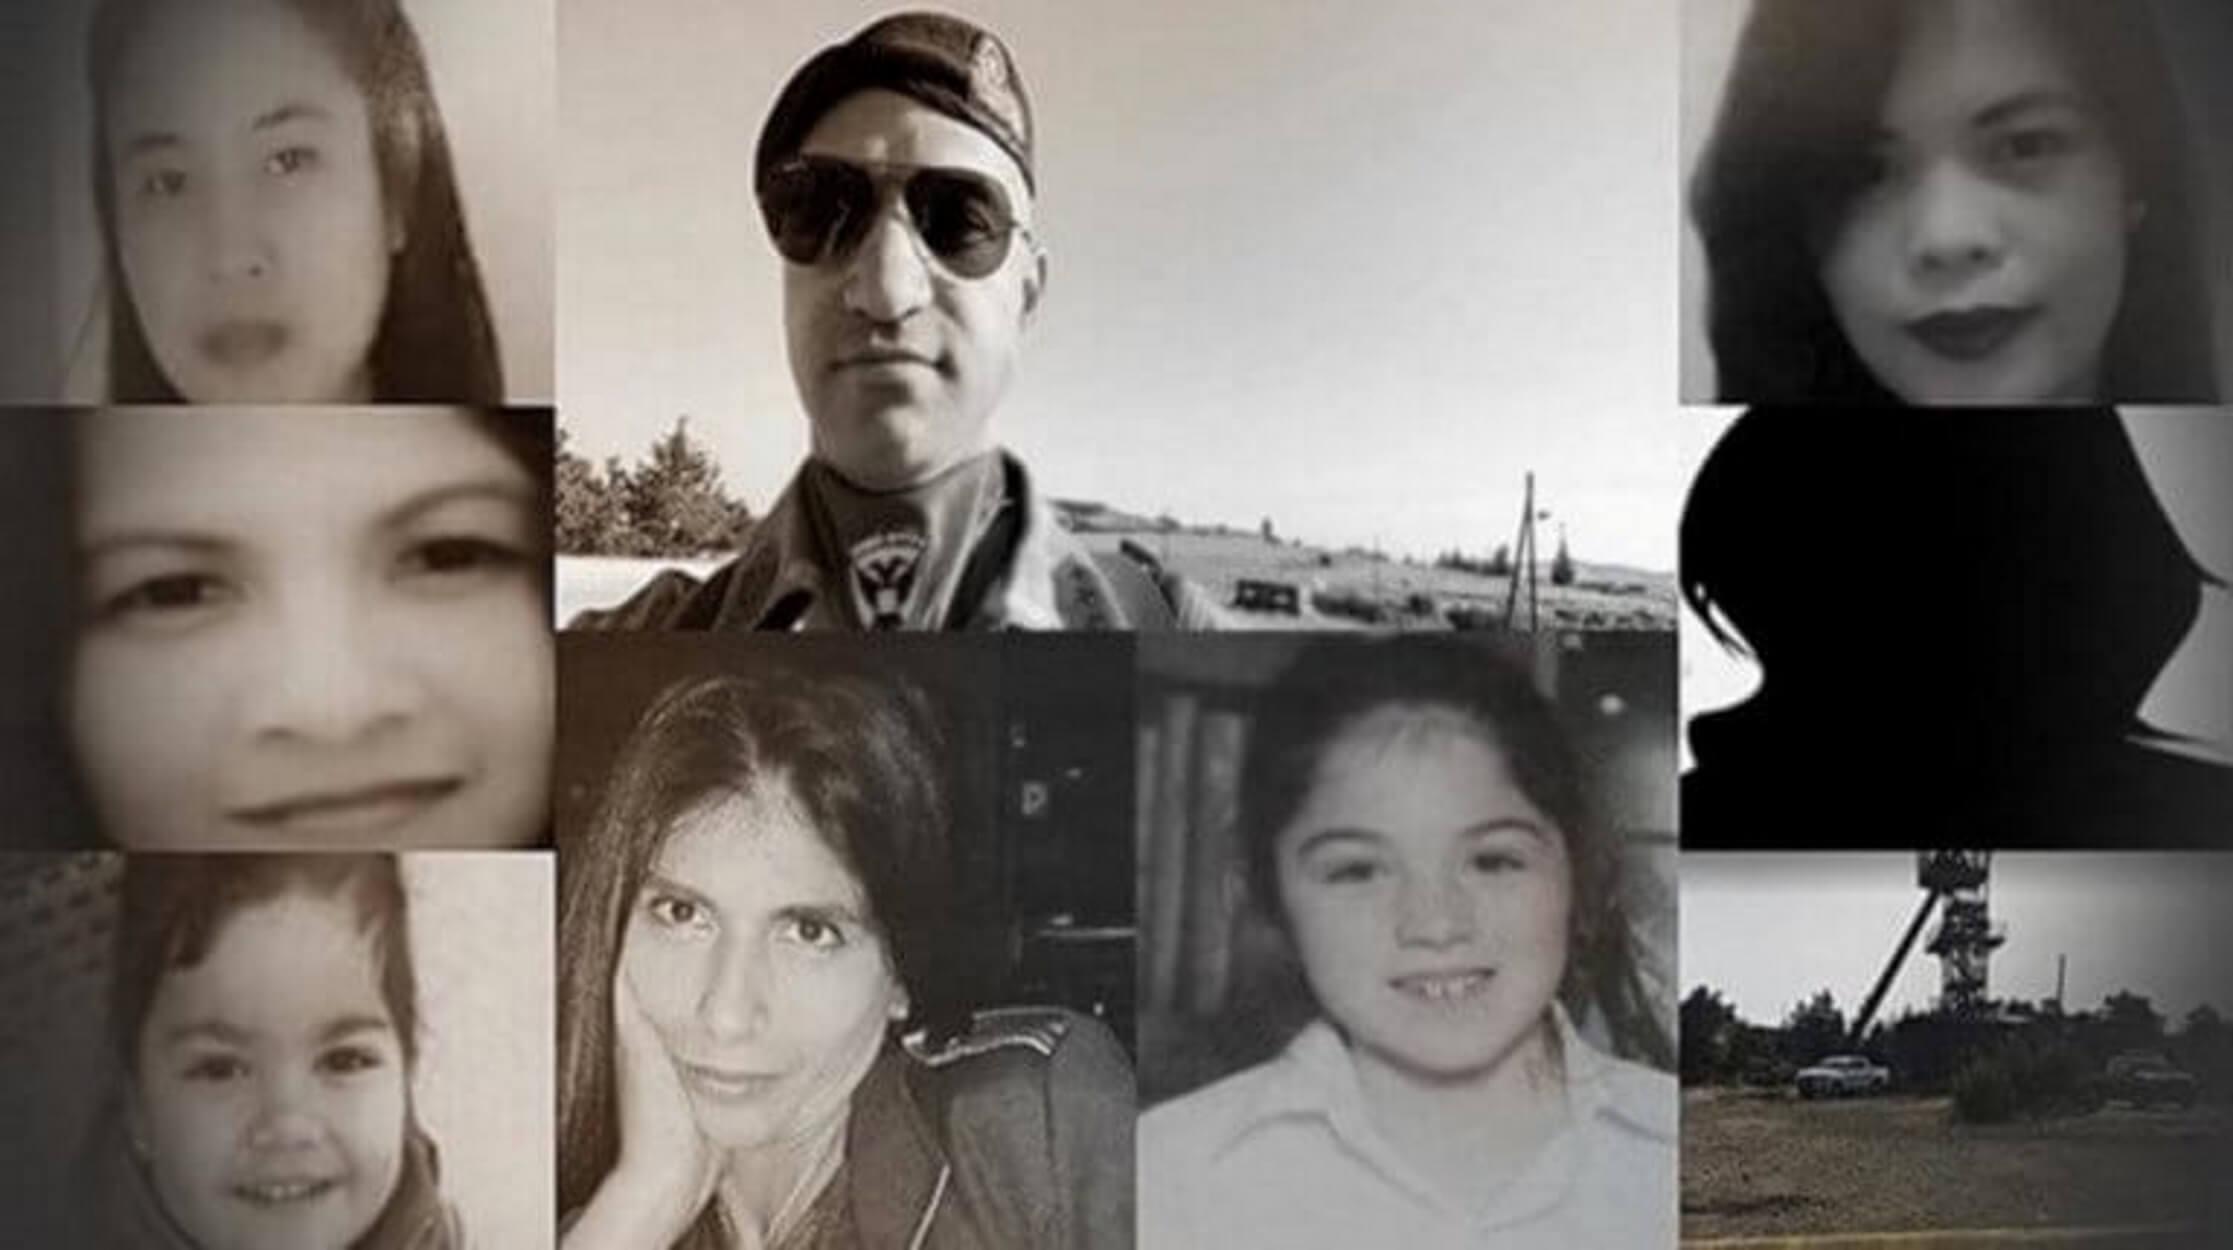 Αυτή είναι η απολογία του serial killer που «πάγωσε» την Κύπρο – 278 λέξεις, δάκρυα και «συγγνώμη»